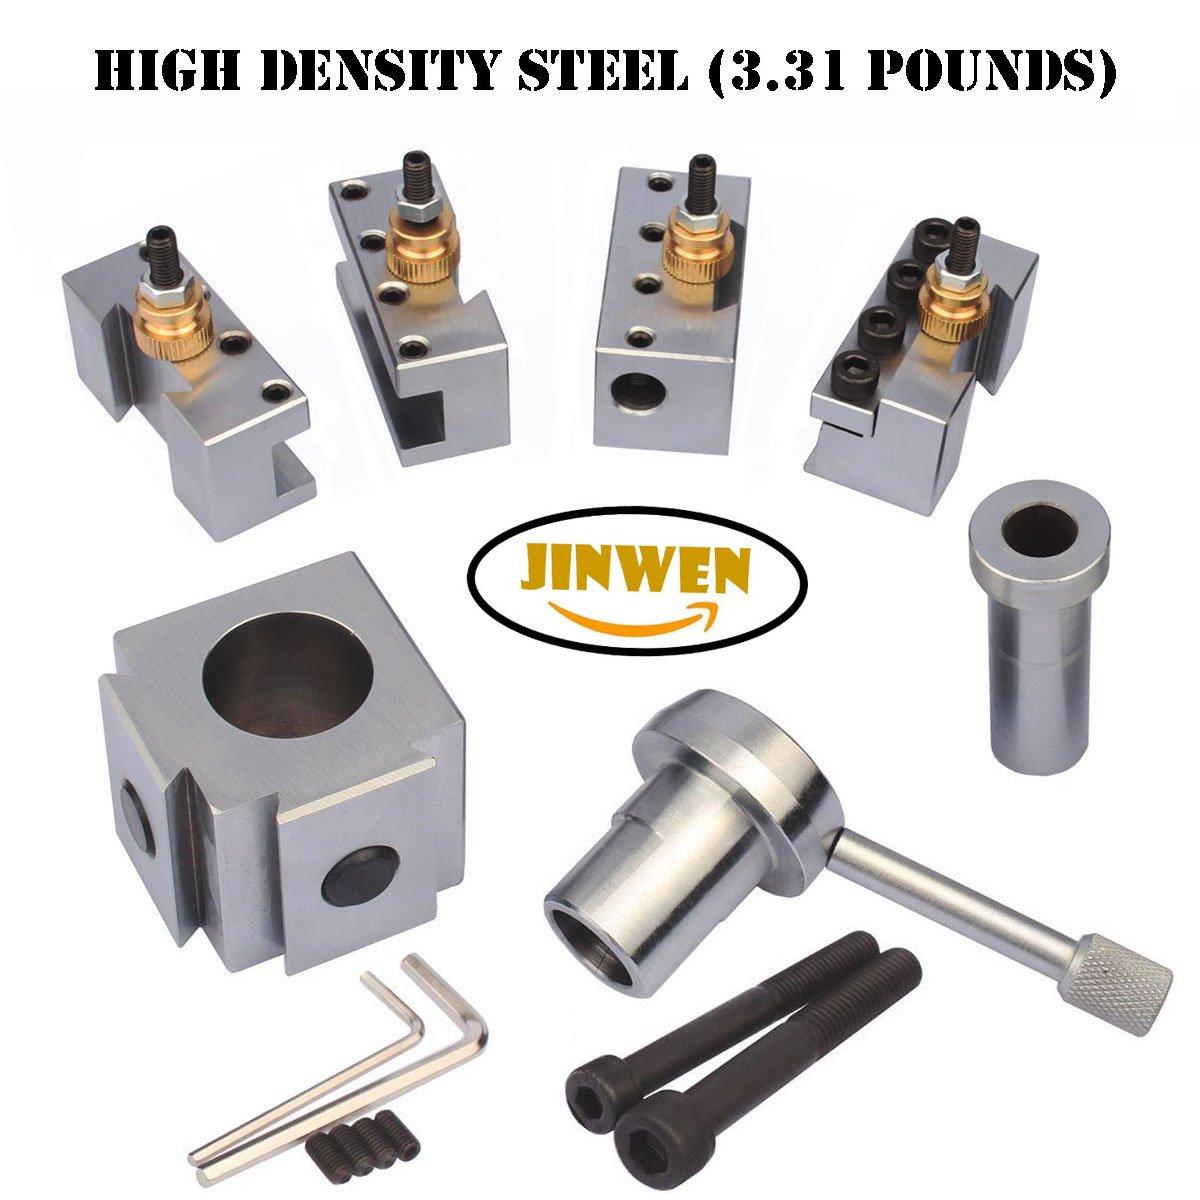 Jinwen 120018 Tooling Package Mini Lathe Quick Change Tool Post & Holders Multifid Tool Holder (Steel)